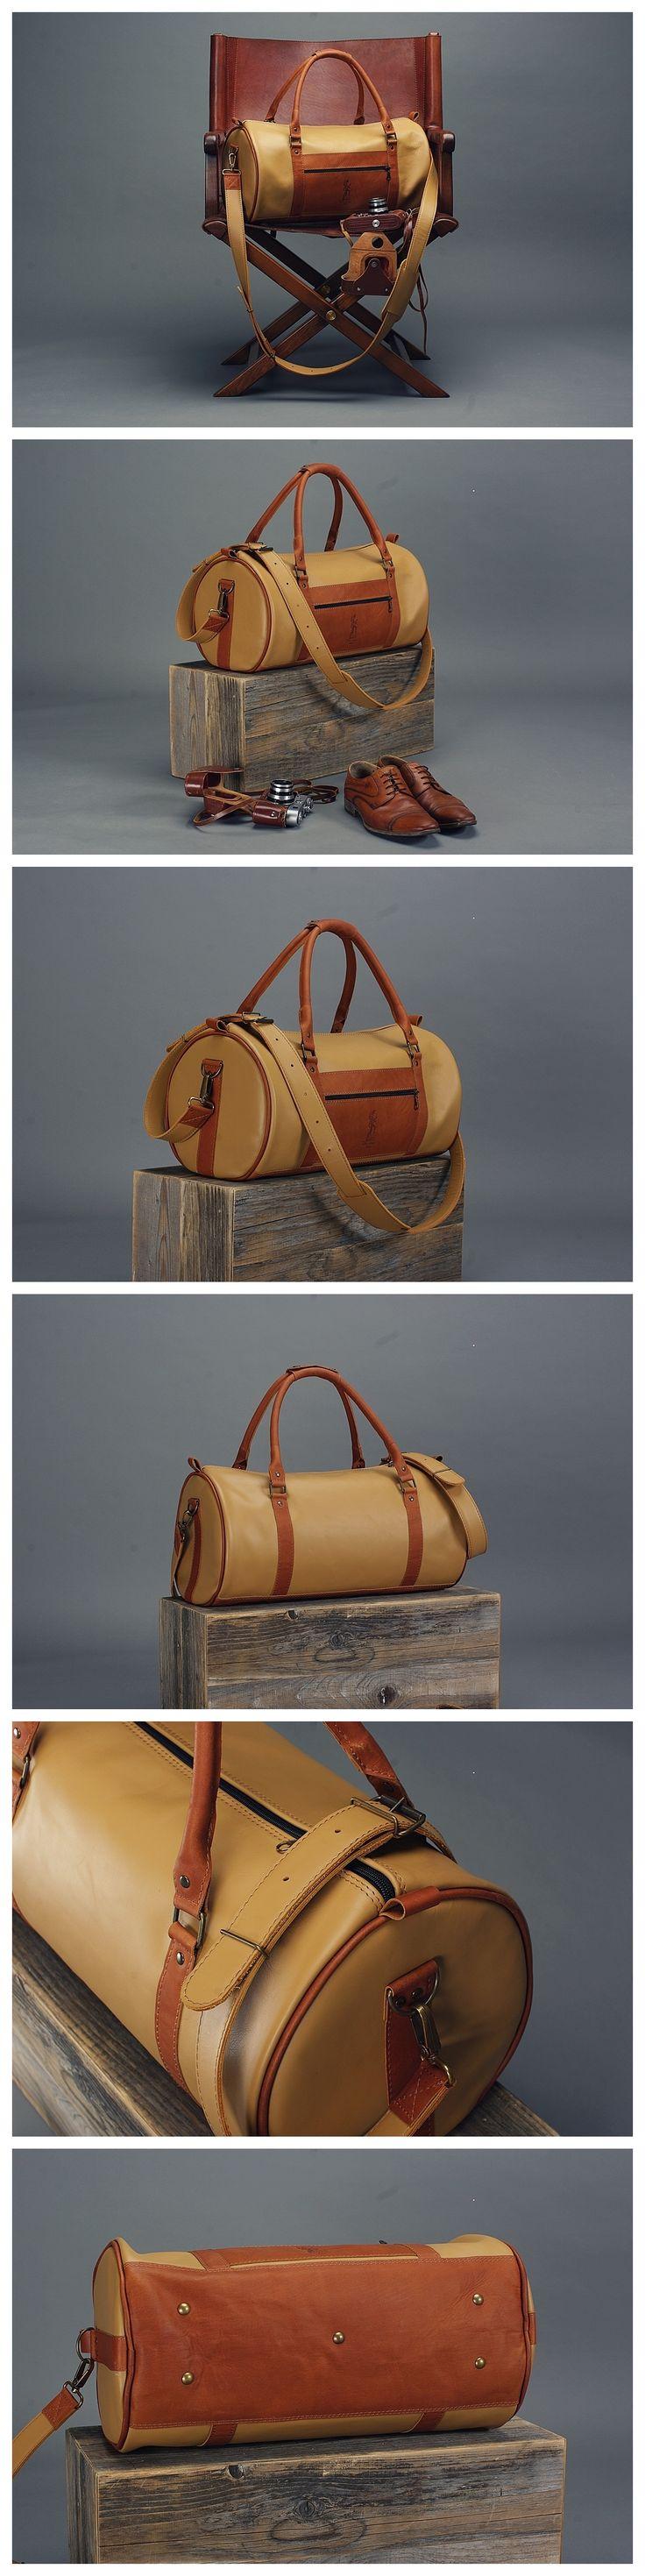 Leather Bag, Vintage Leather Bag, Leather Travel Bag, Leather Duffle Bag, Leather Cabin Bag, Weekend Bag, Overnight Bag, Real Leather, Leather Sports Bag, Travel Bag, Handmade Bag, Messenger Bag